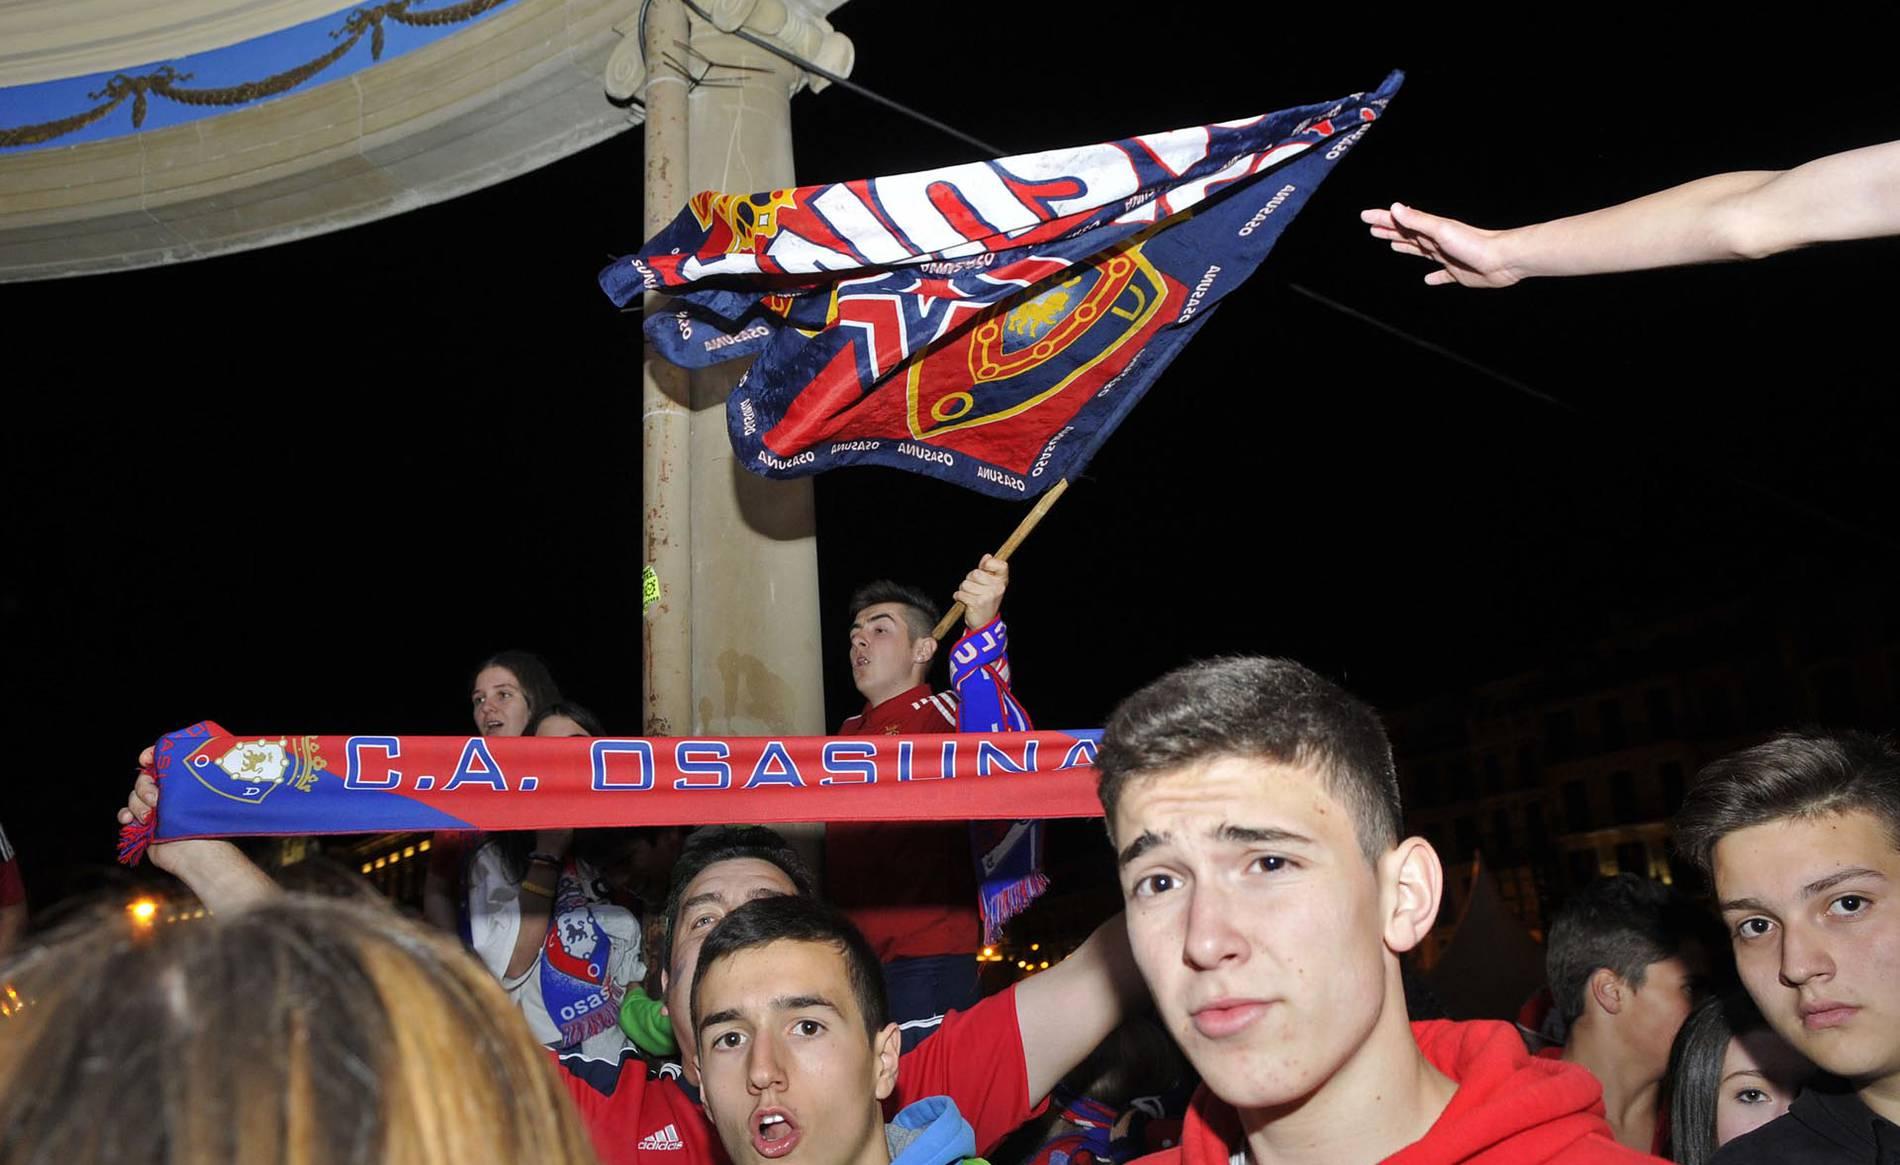 Ambiente del ascenso de Osasuna en el Casco Viejo de Pamplona (1/42) - Celebración del ascenso a Primera tras vencer en doble eliminatoria al Girona por 2-1 en el Sadar y 0-1 en Montilivi - Osasuna -